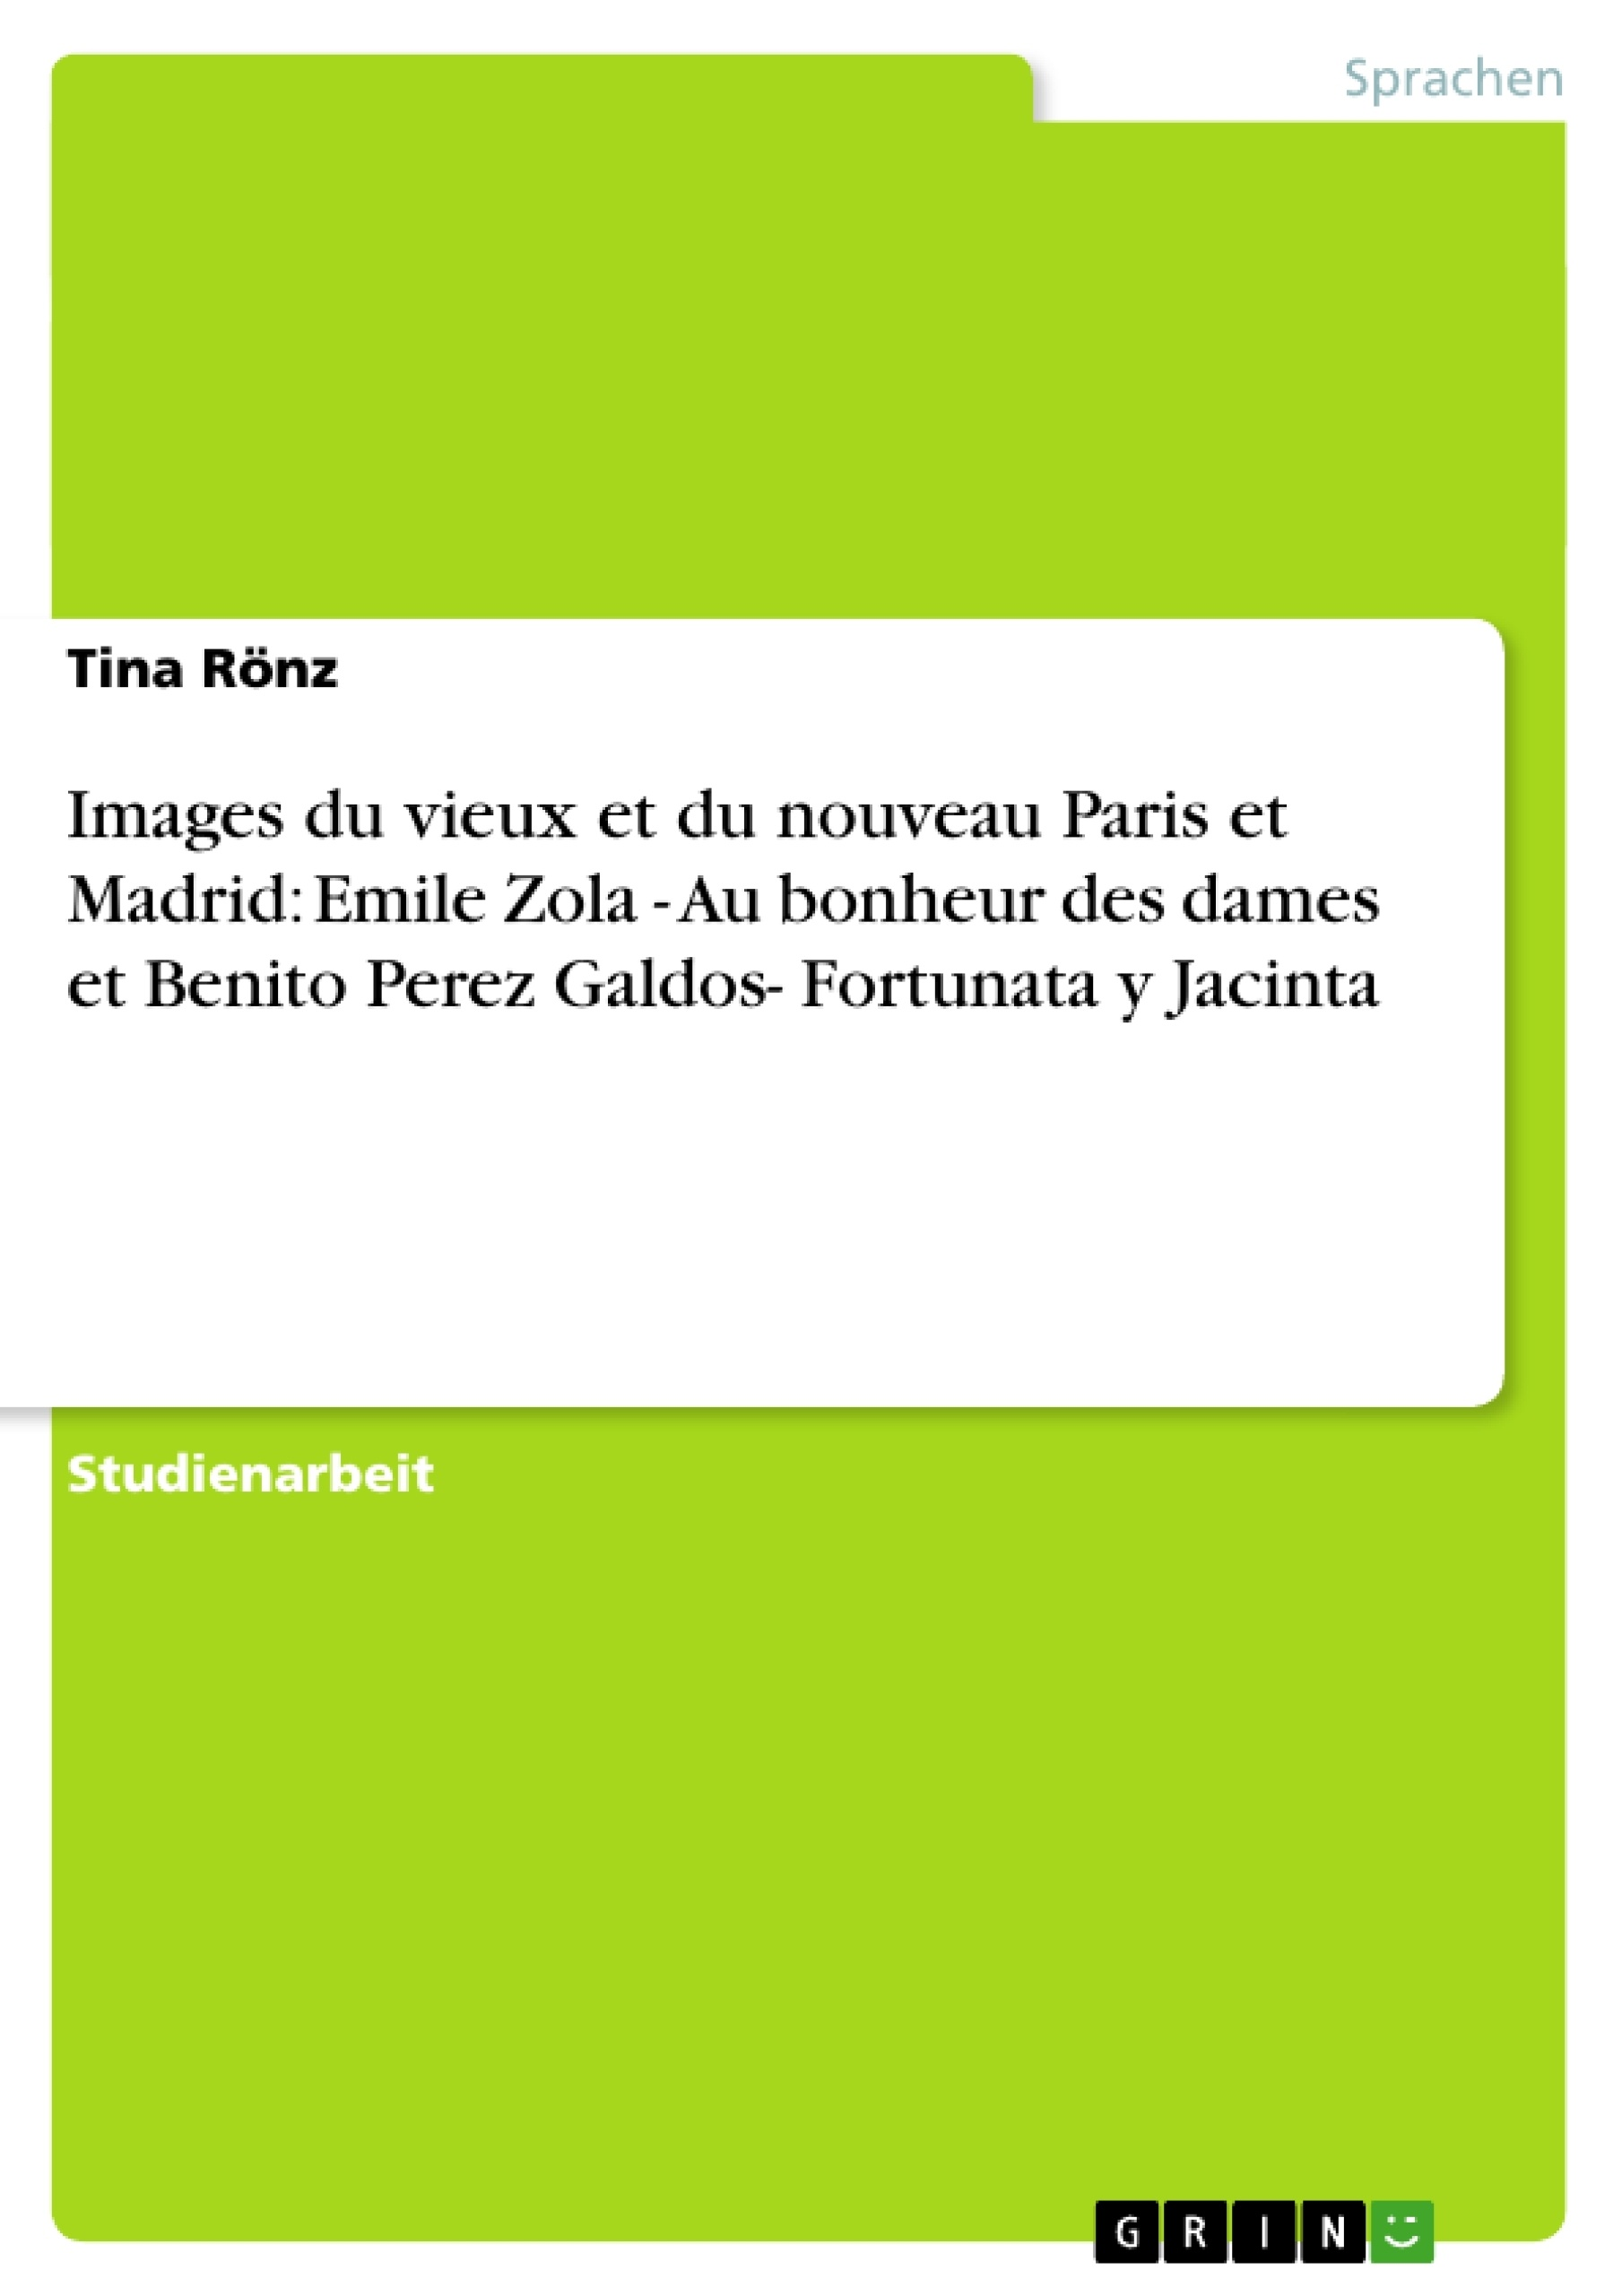 Titel: Images du vieux et du nouveau Paris et Madrid: Emile Zola - Au bonheur des dames et Benito Perez Galdos- Fortunata y Jacinta